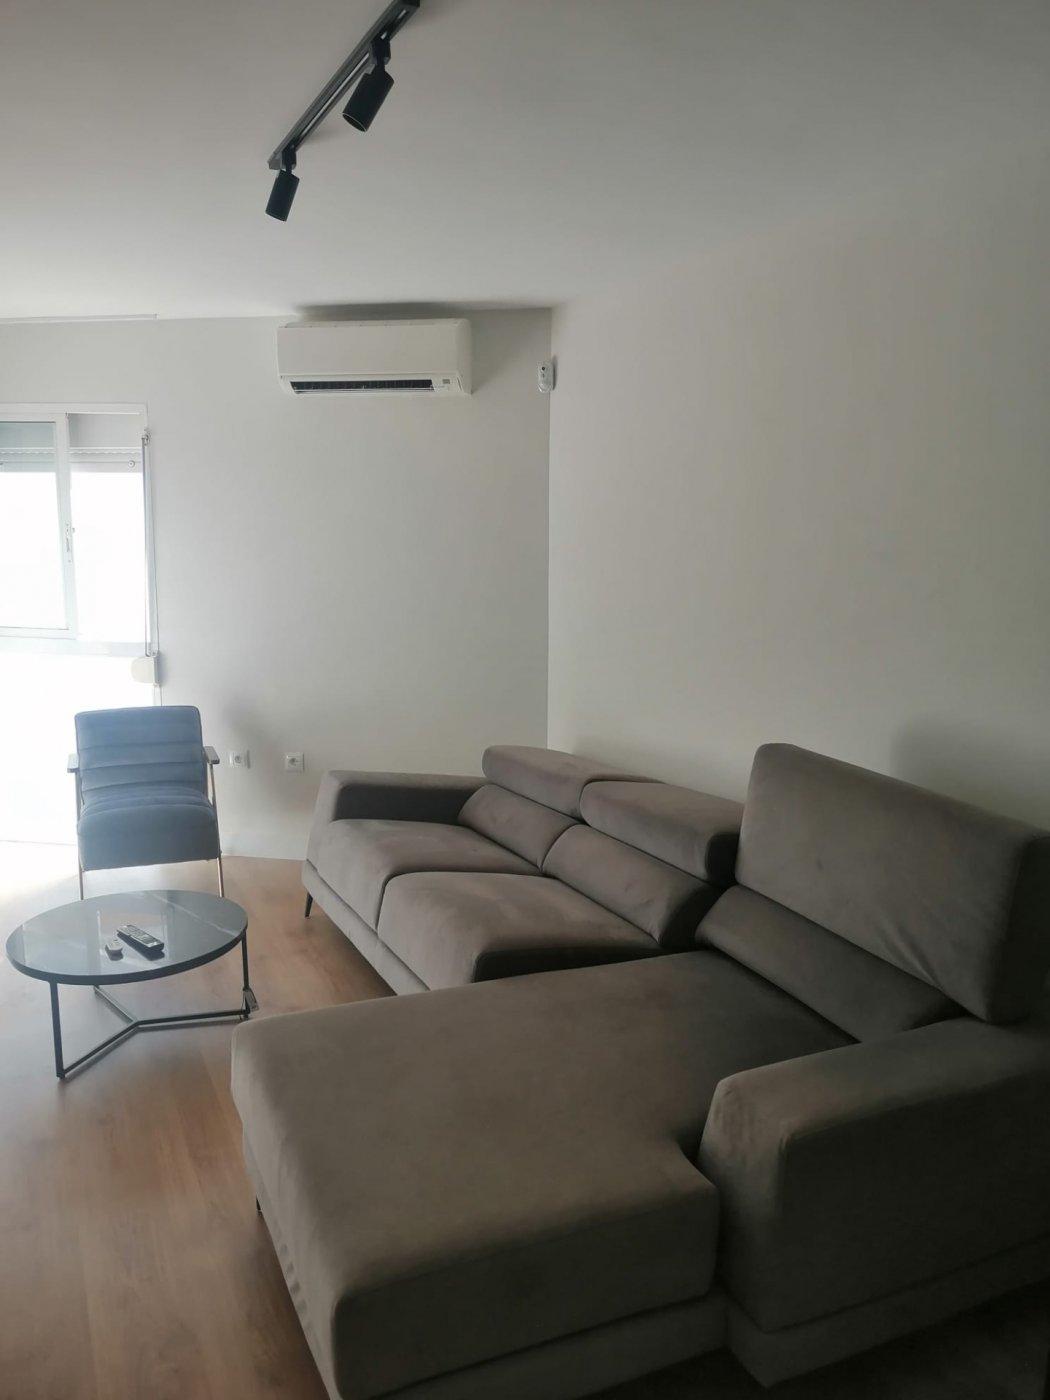 Apartamento 2 dormitorios en la cariihuela - imagenInmueble1